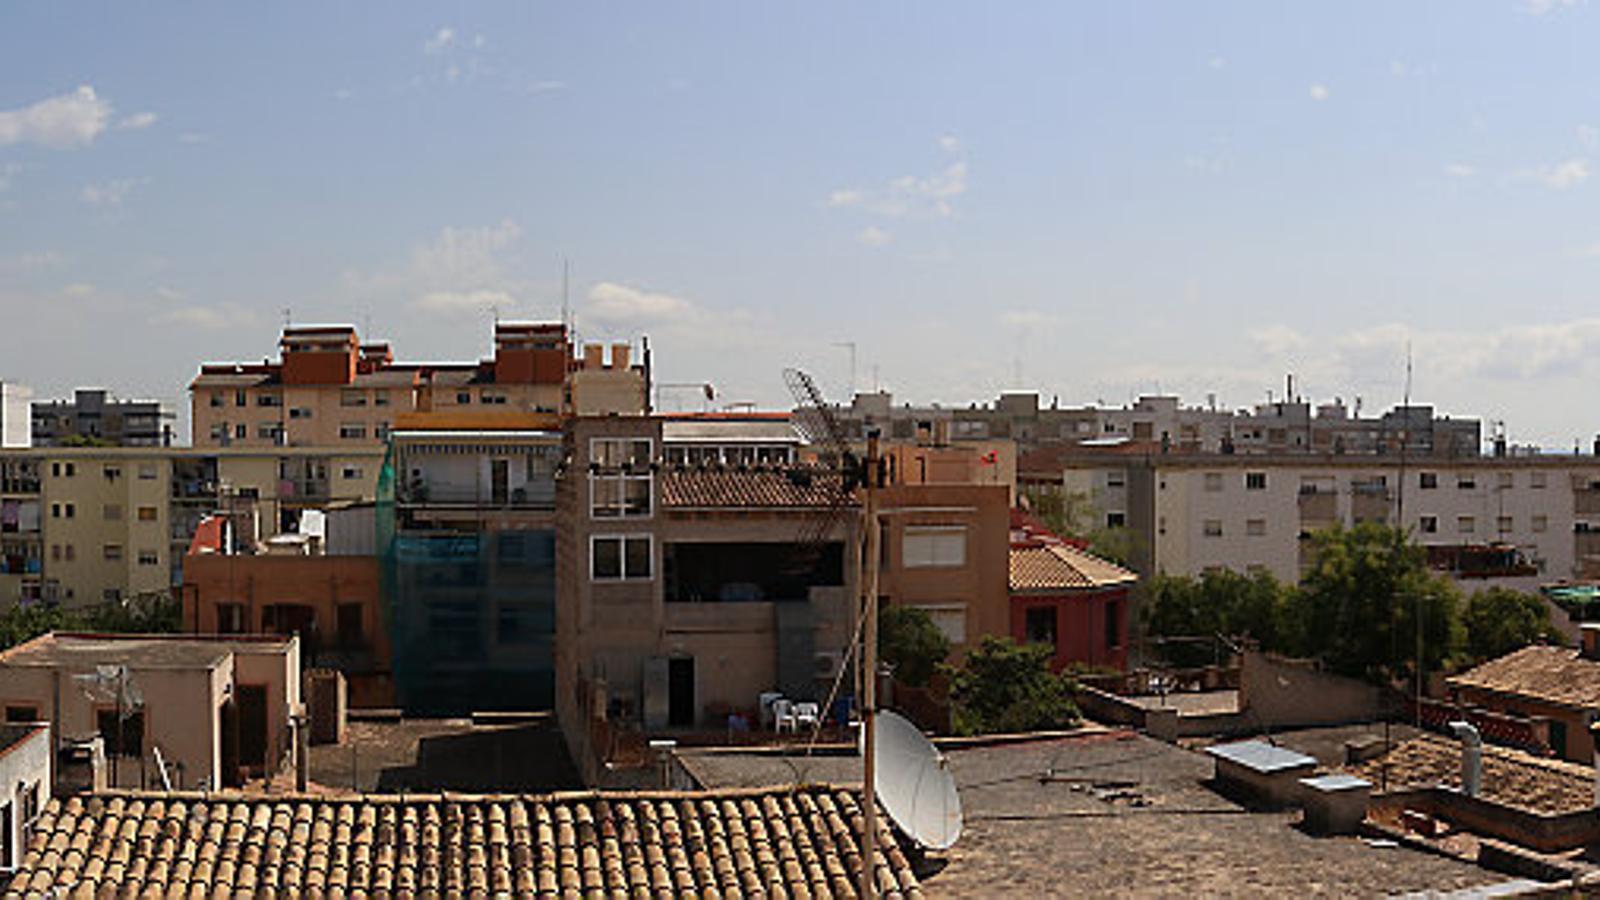 Vista panoràmica del barri de la Soledat.